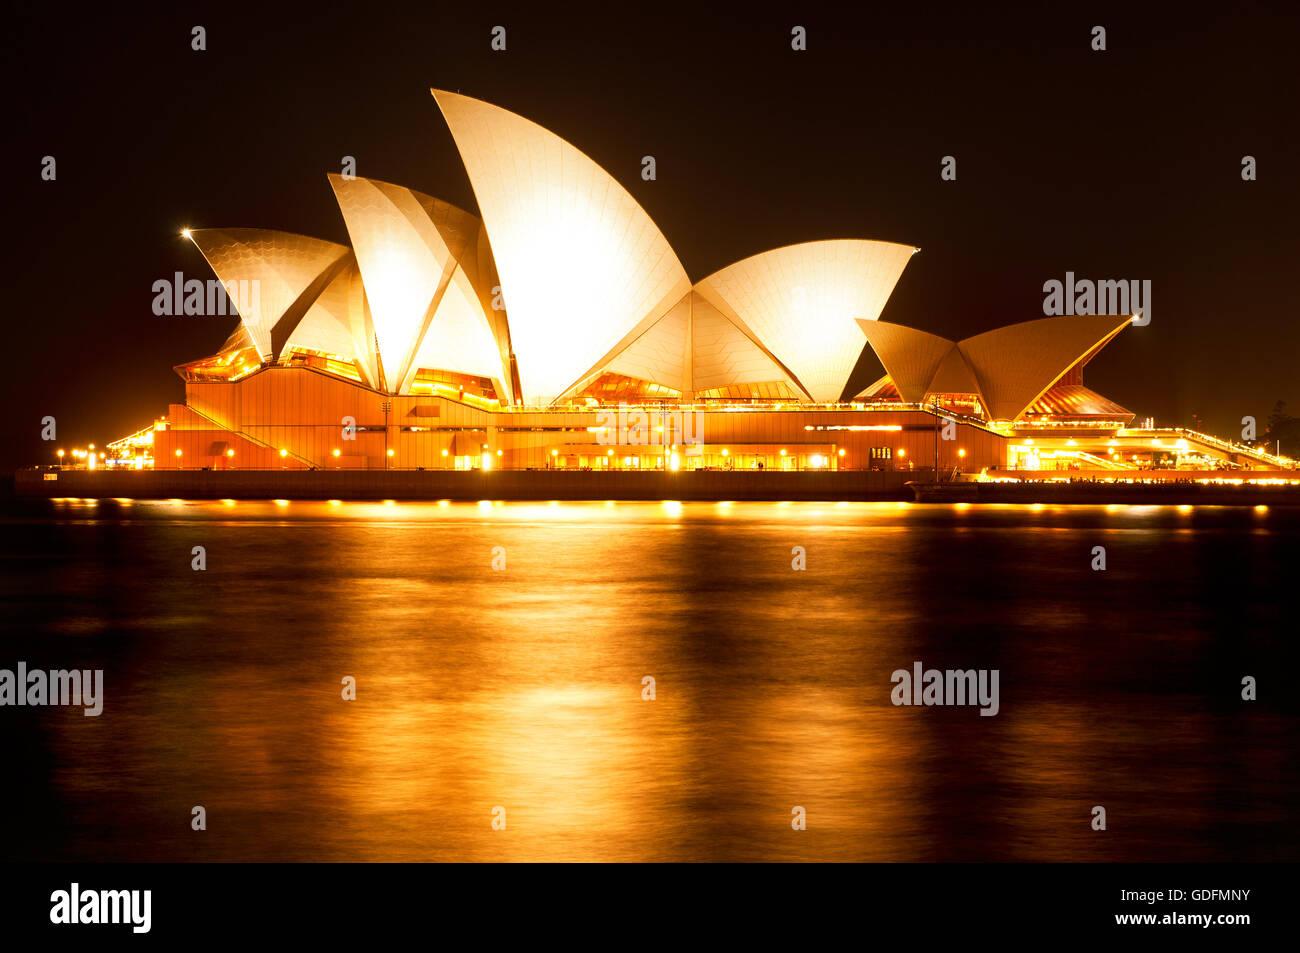 Beleuchtete Sydney Opera House spiegelt sich im Wasser des Hafens. Stockbild